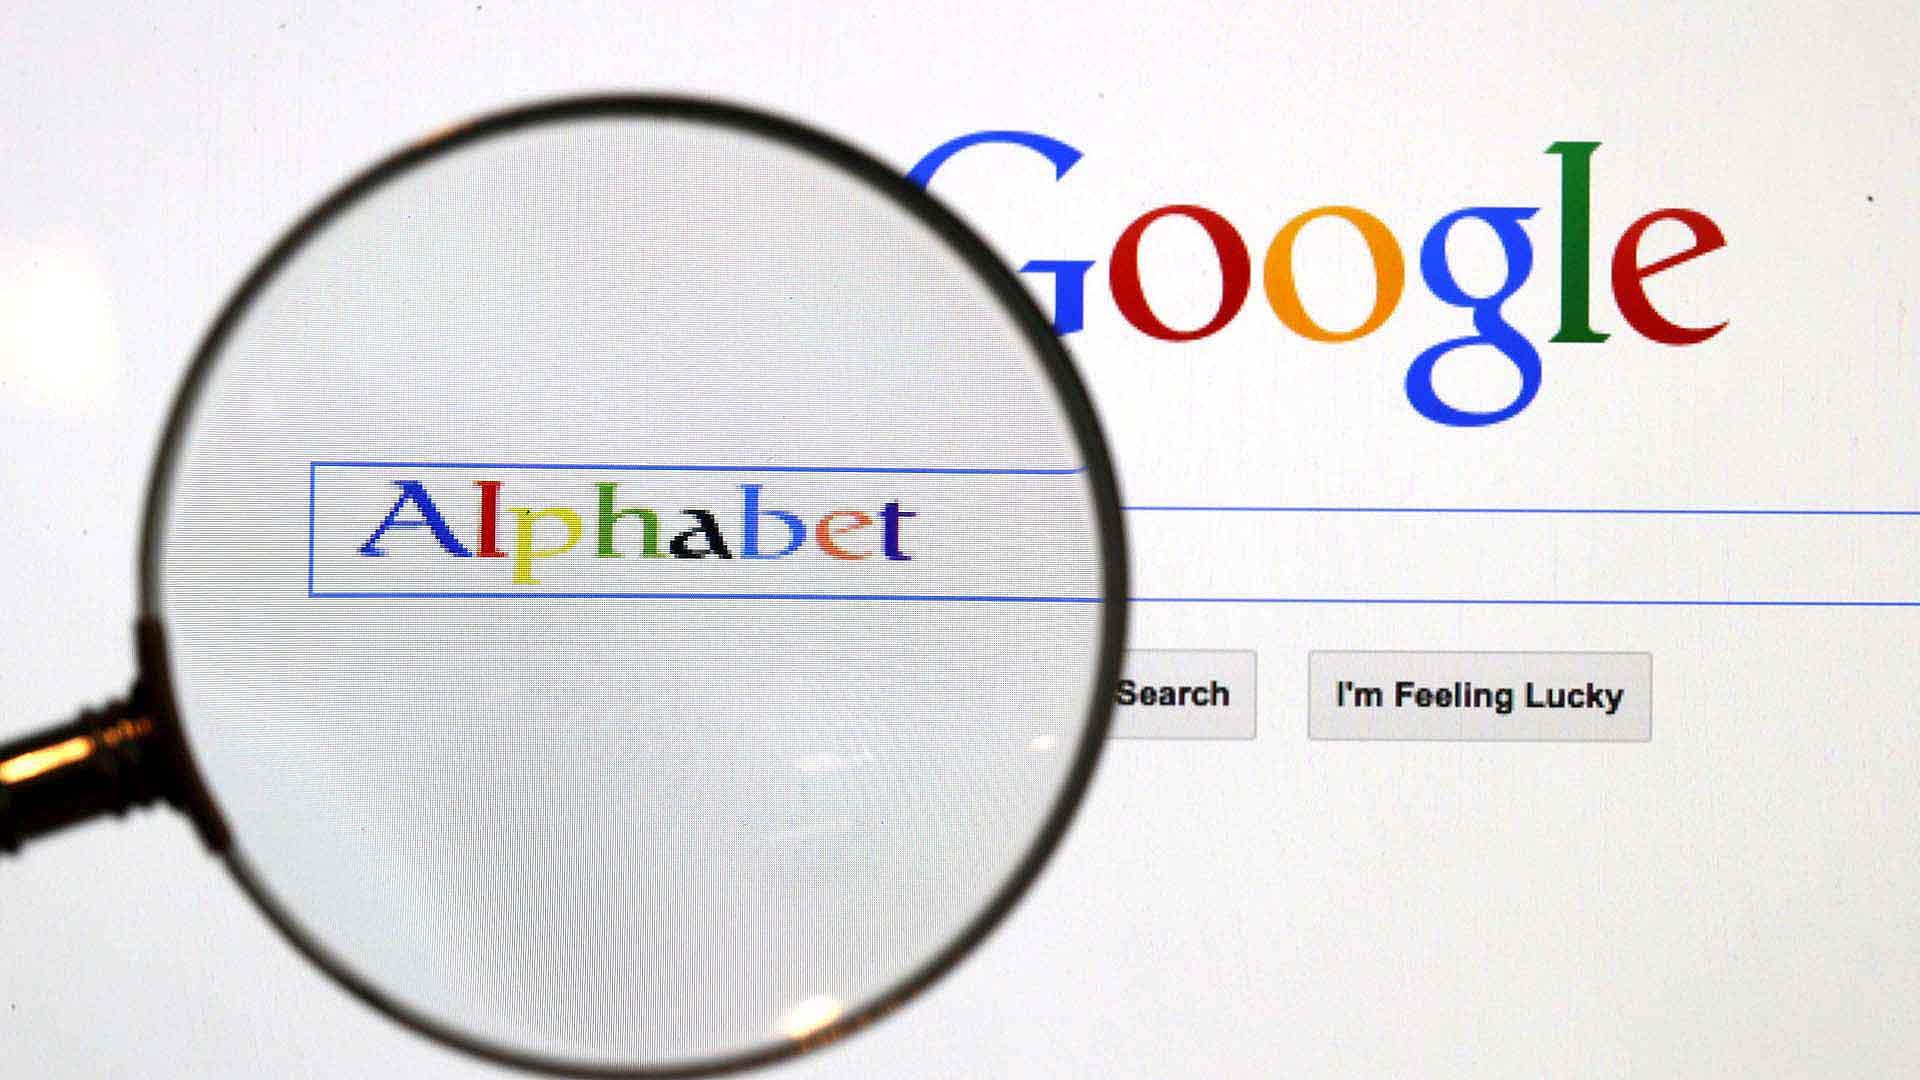 Враг конкуренции № 1: США начали судиться с Google